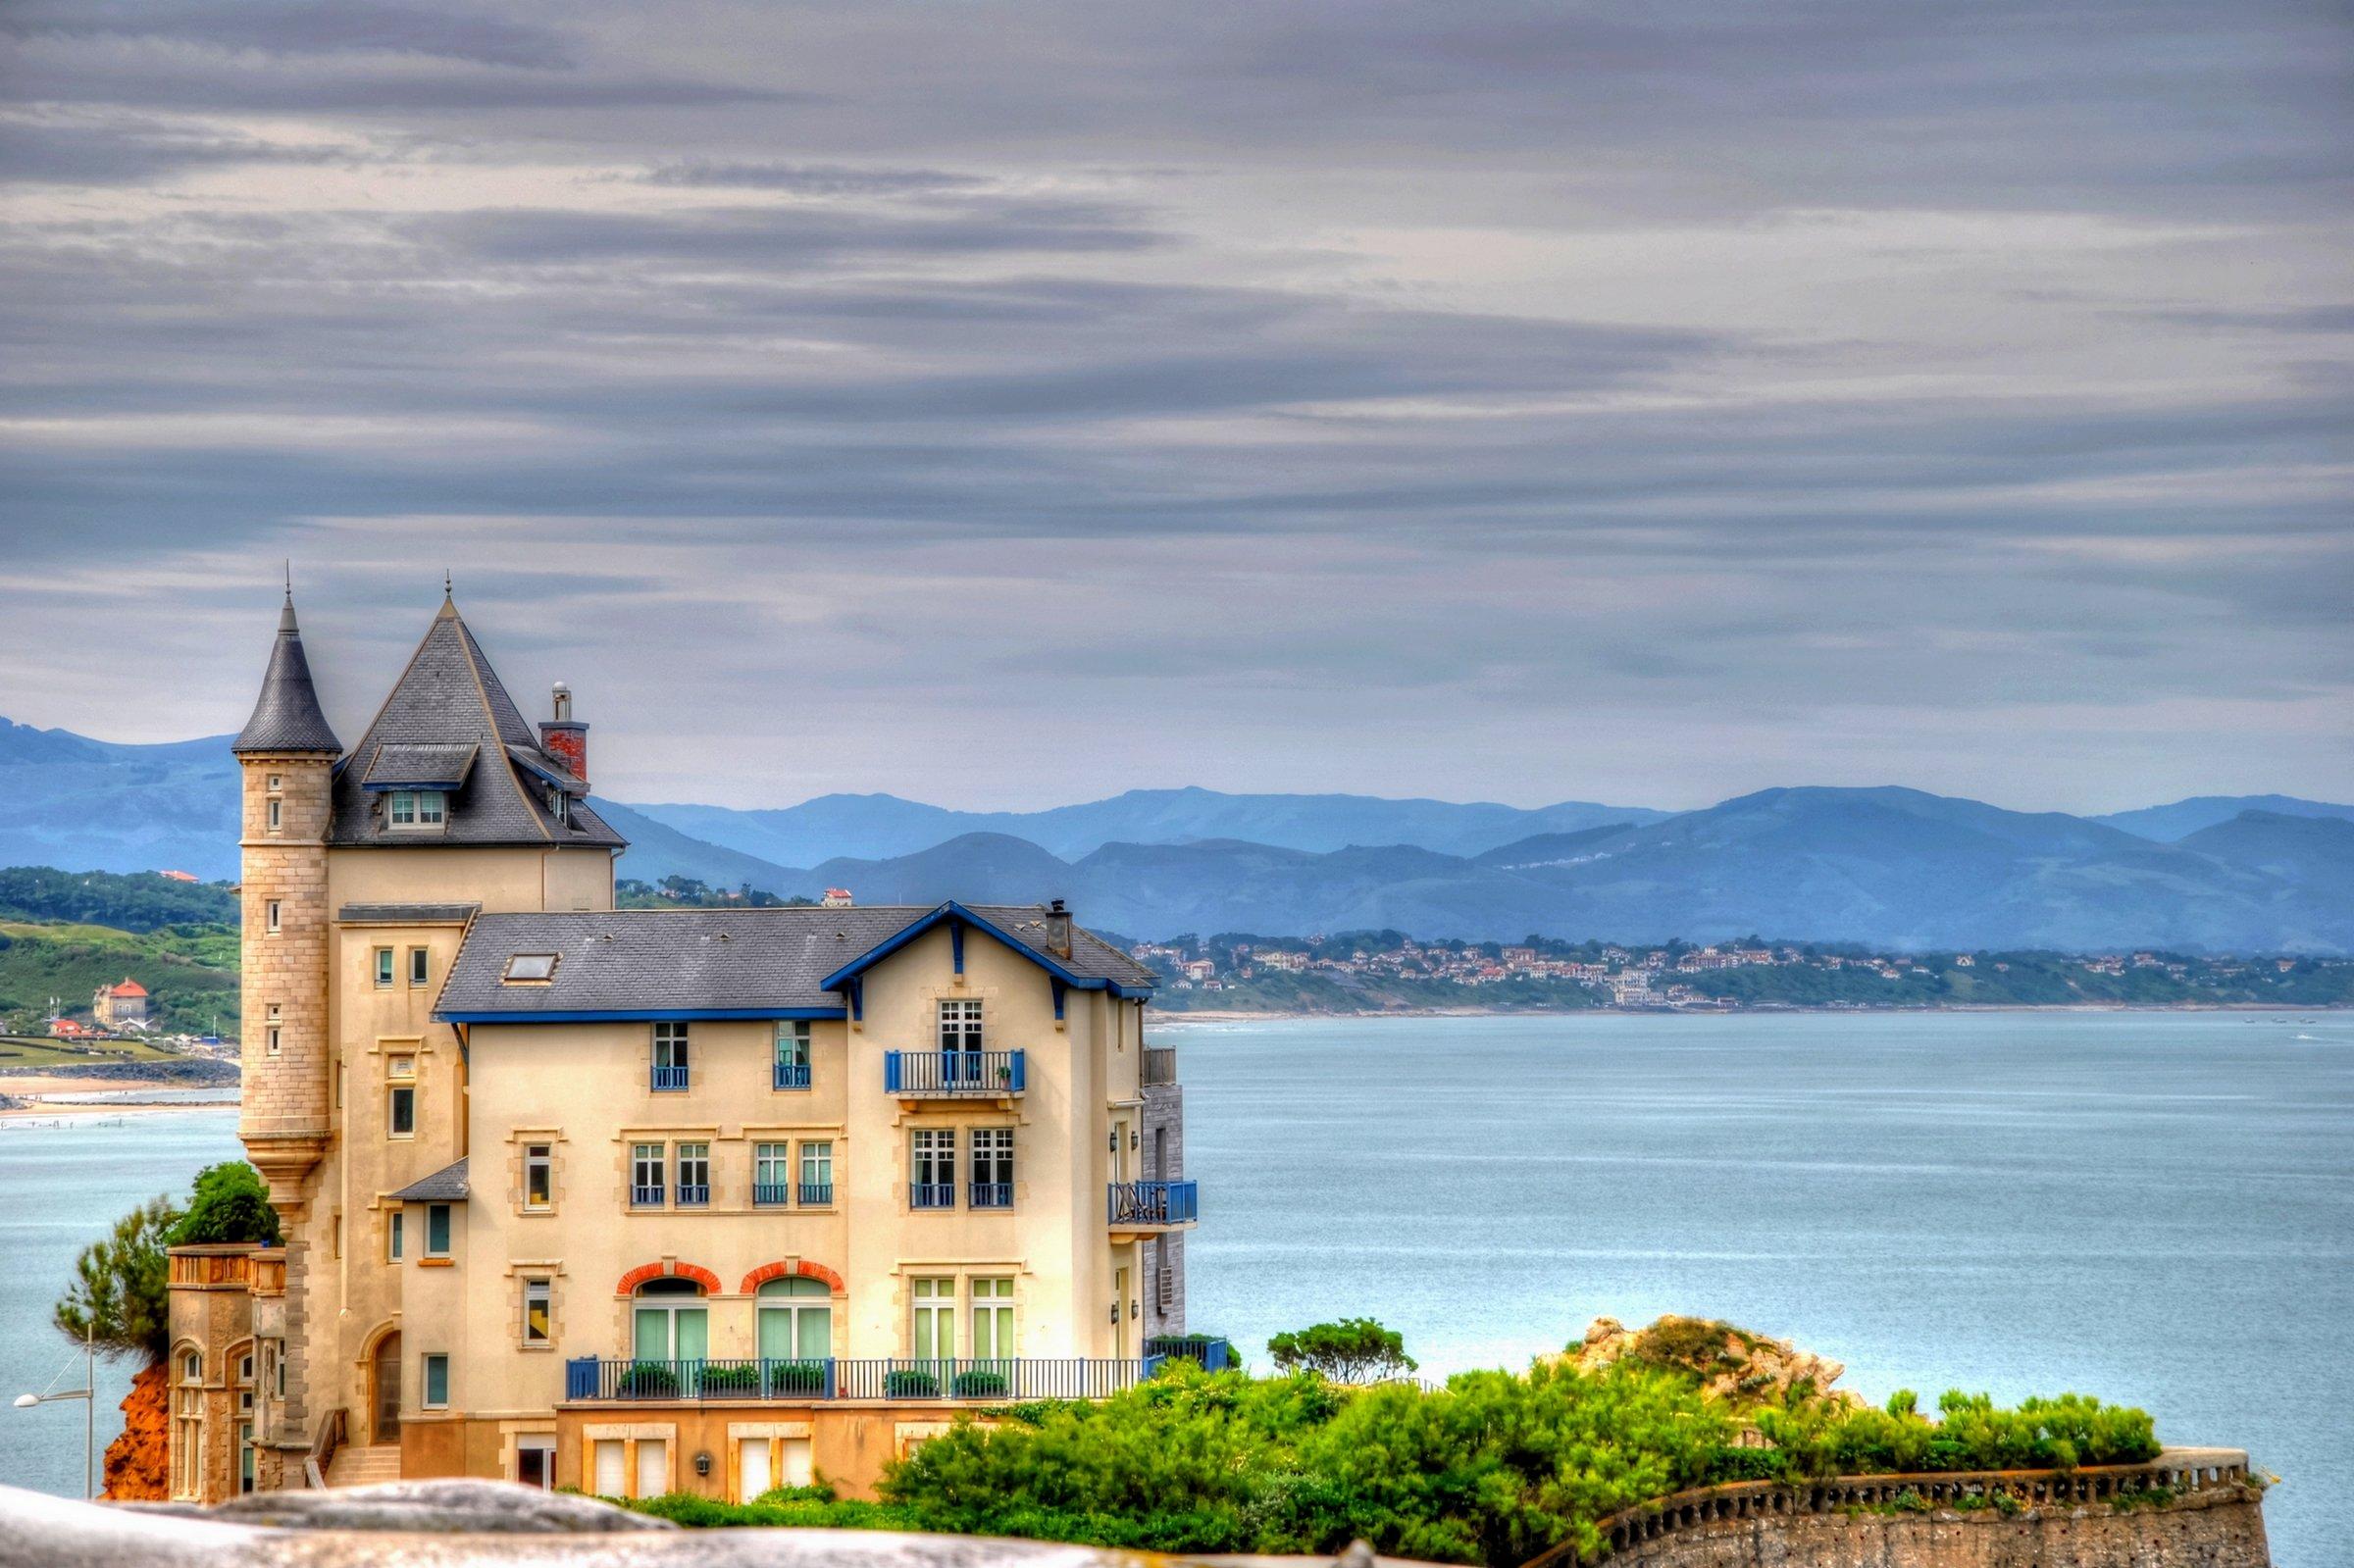 Fonds d'écran Nature Mers - Océans - Plages Biarritz